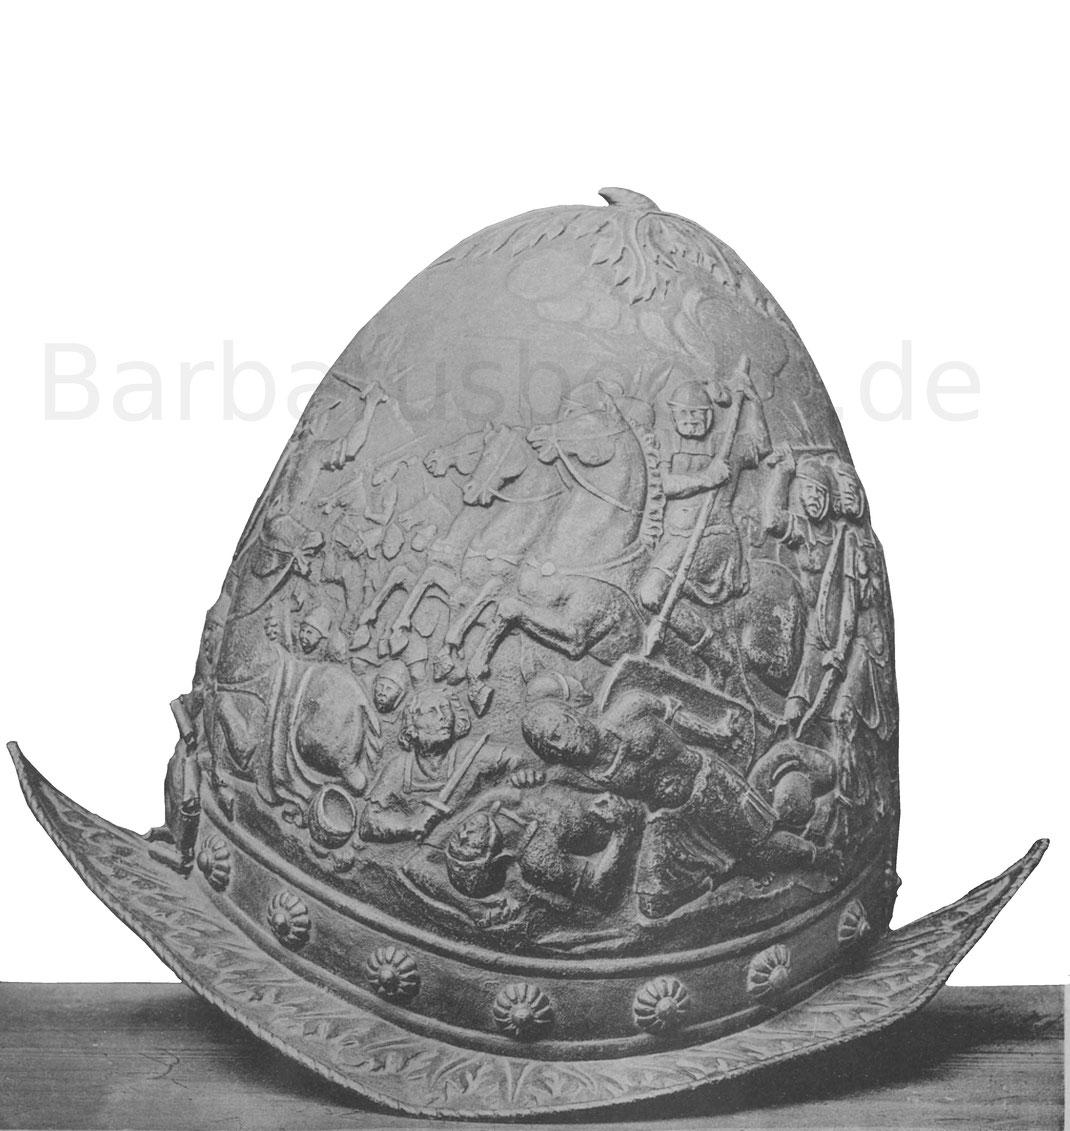 Morion, nicht zu verwechseln mit dem Cabasset, auch Birnhelm oder Schützenhaube genannt.